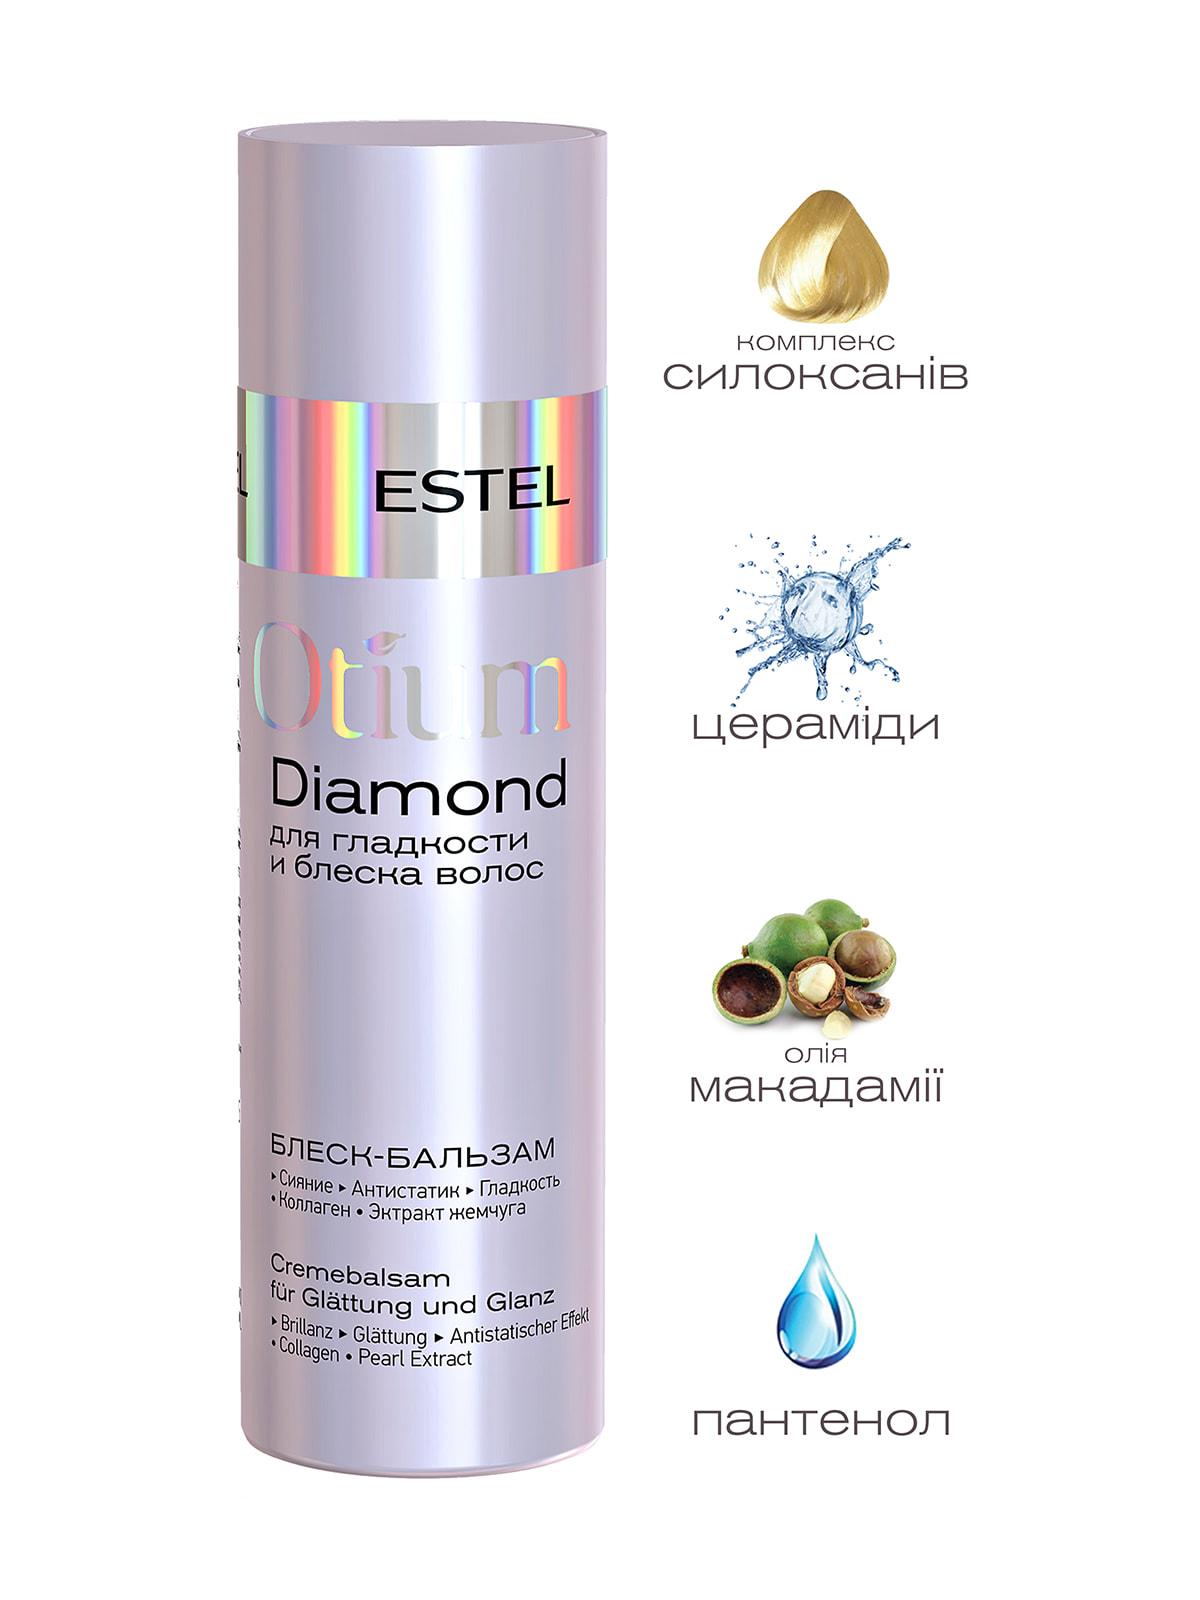 Блеск-бальзам для гладкости и блеска волос Otium Diamond (200 мл)   4693967